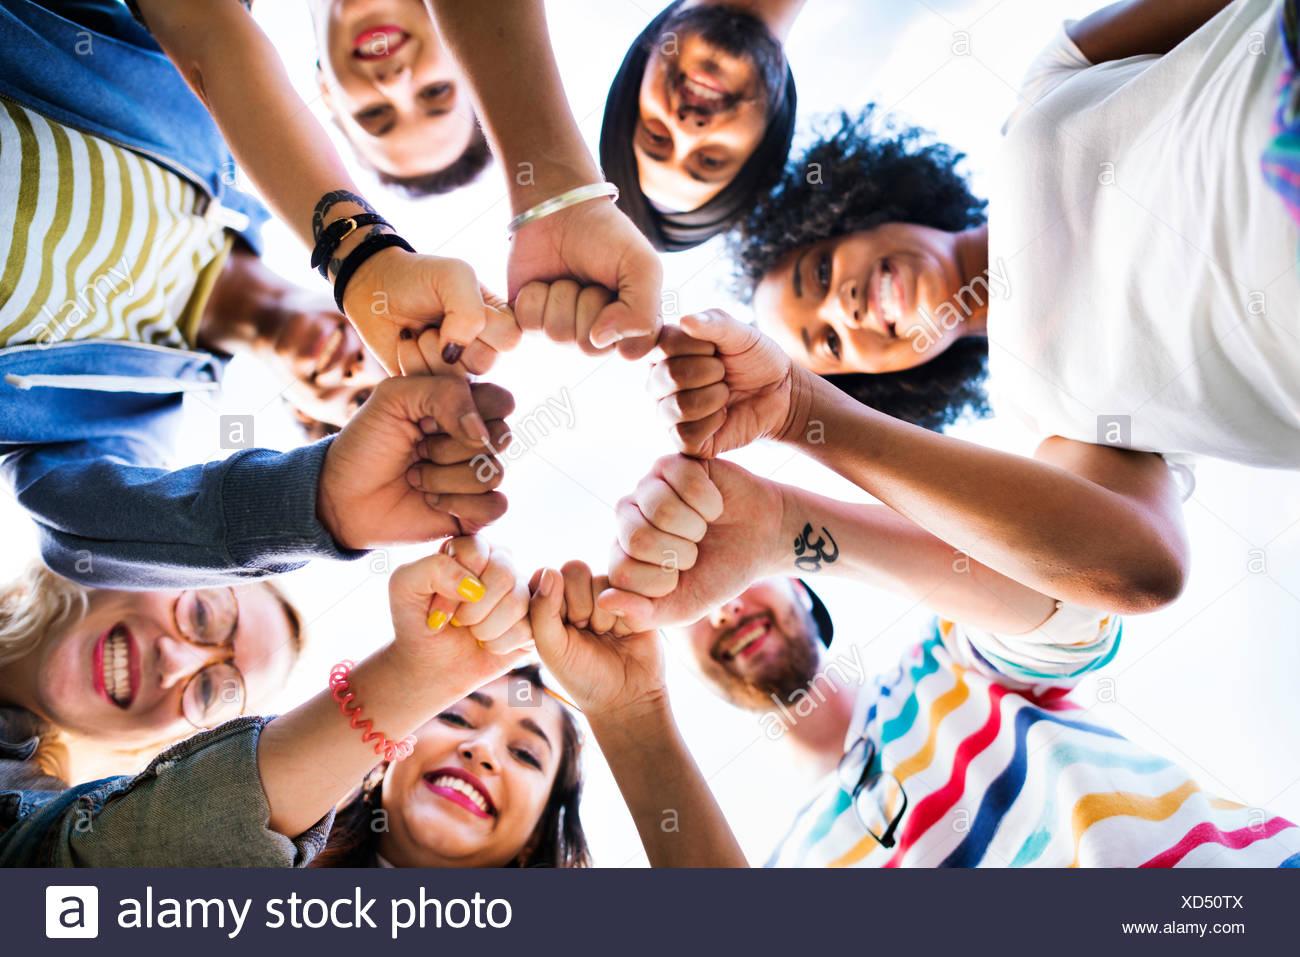 Pugno di amici insieme cerchio concetto del lavoro di squadra Immagini Stock